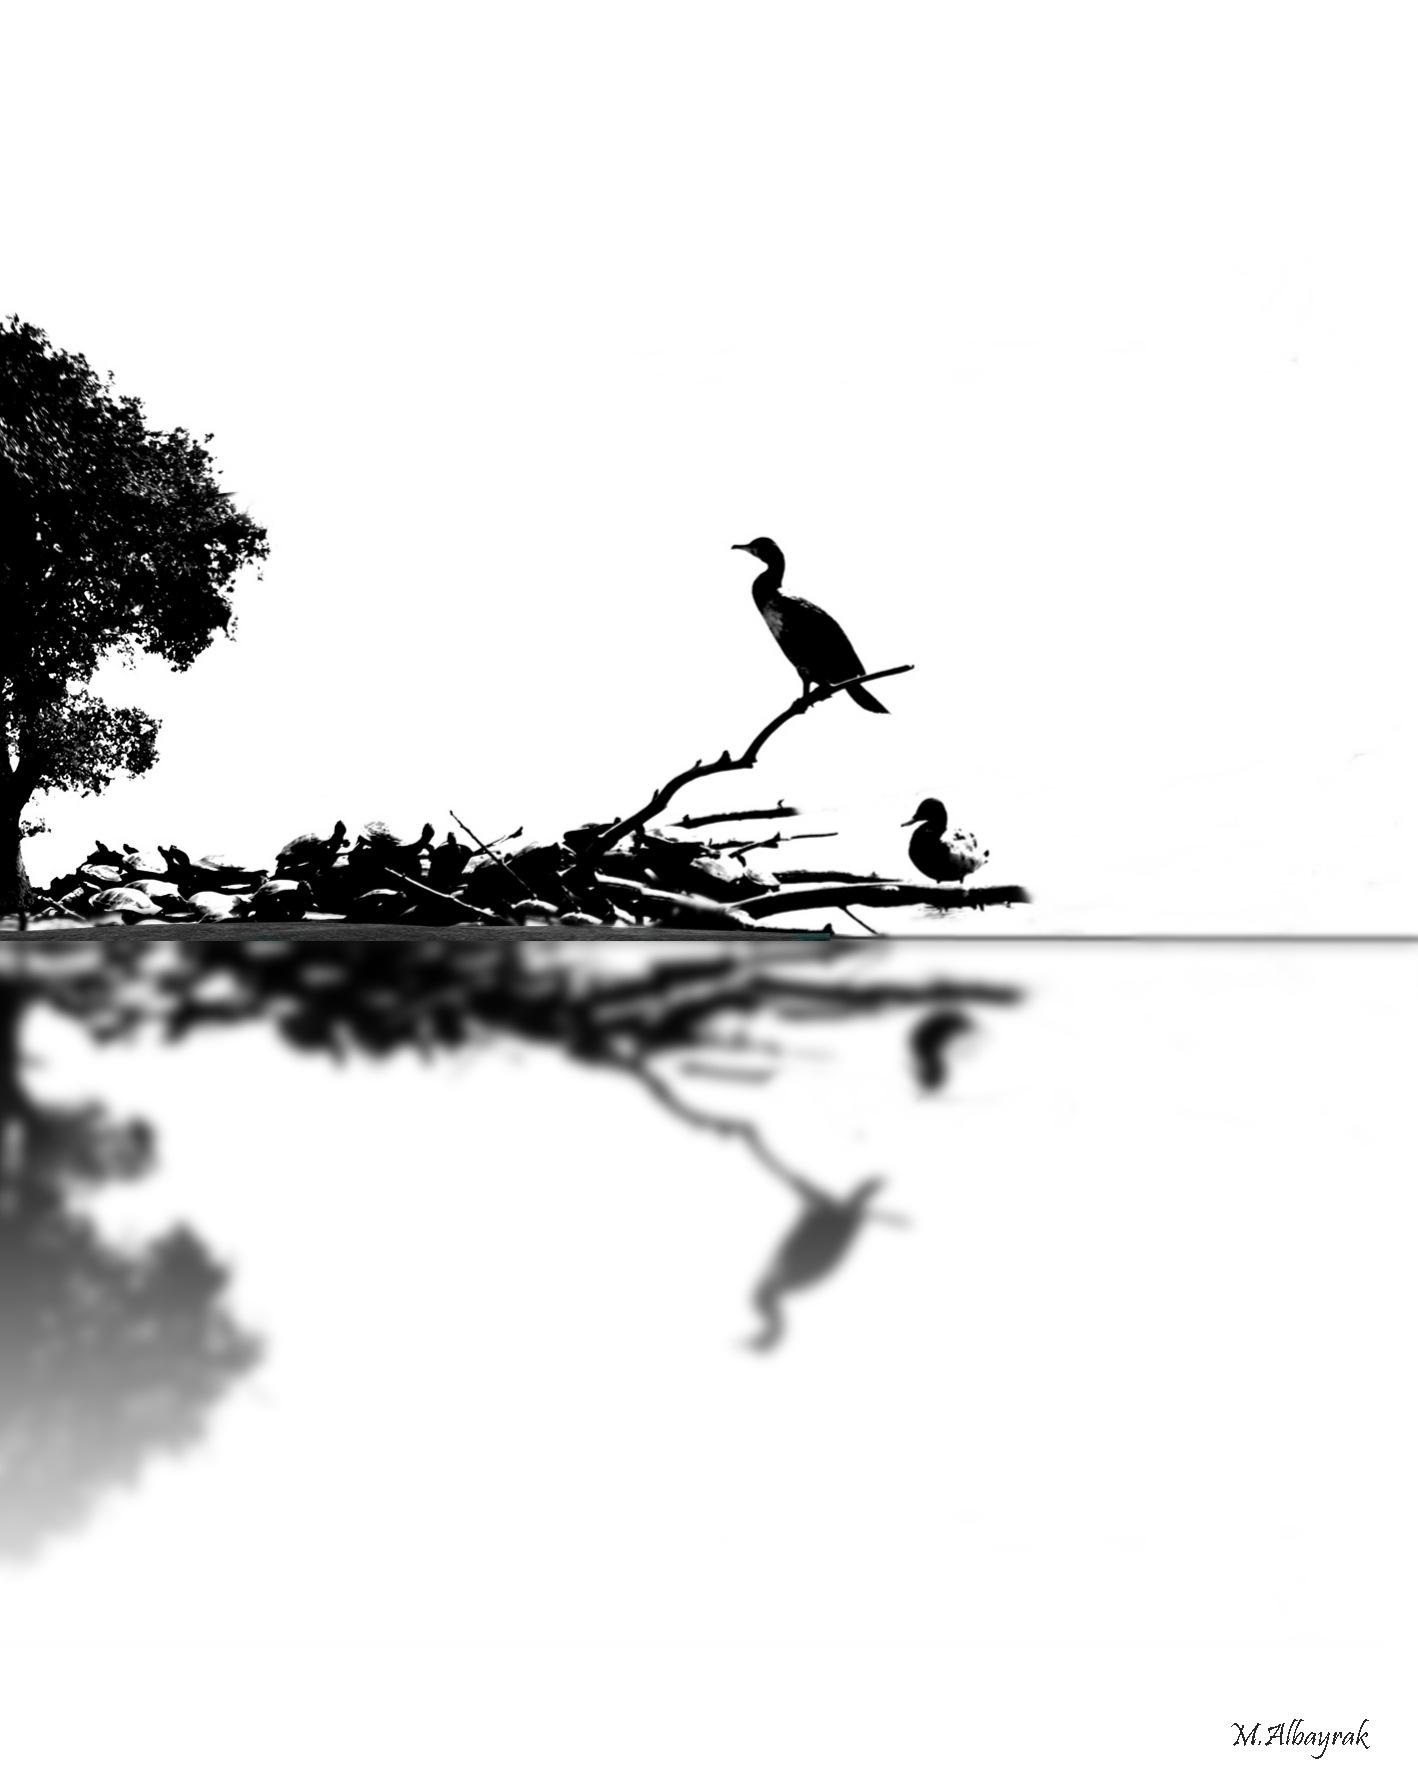 Untitled by Mehmet Albayrak